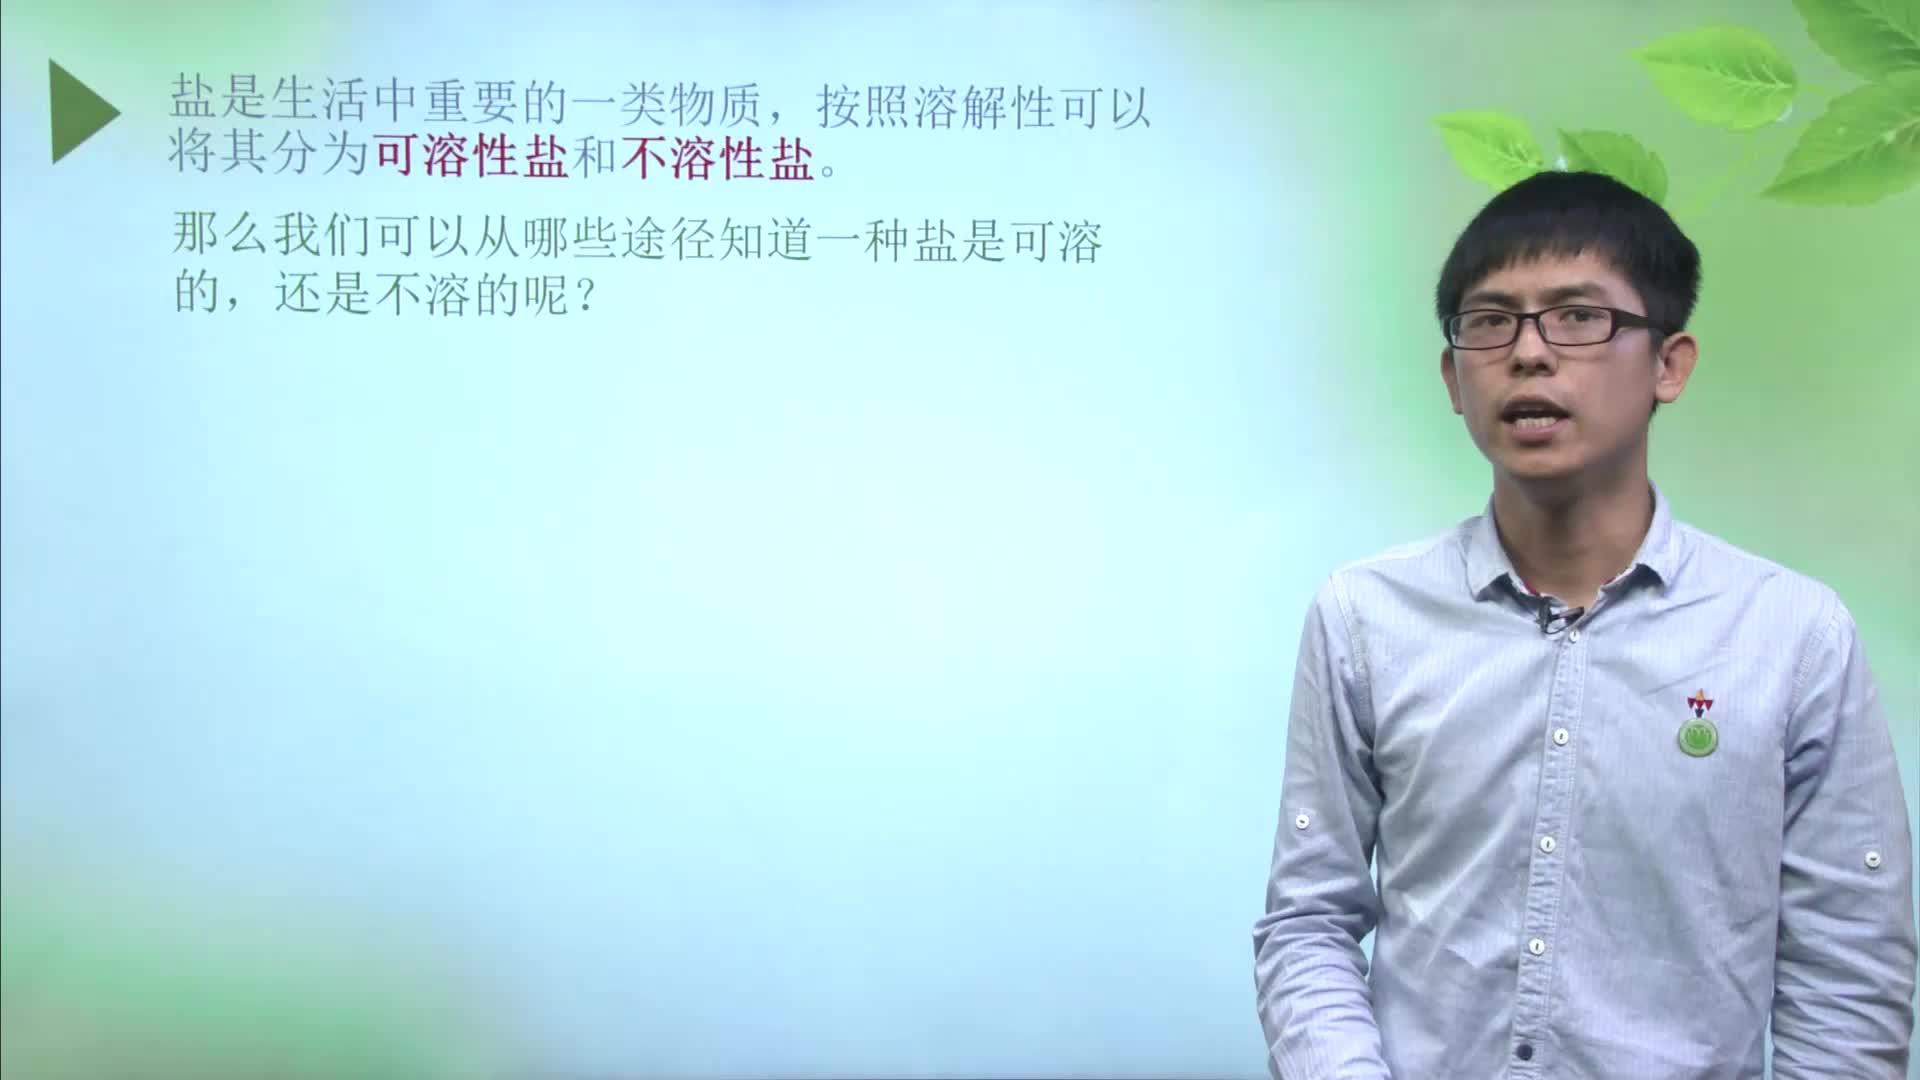 视频1.6.2盐的制取及盐与化肥-【慕联】初中完全同步系列浙教版科学九年级上册